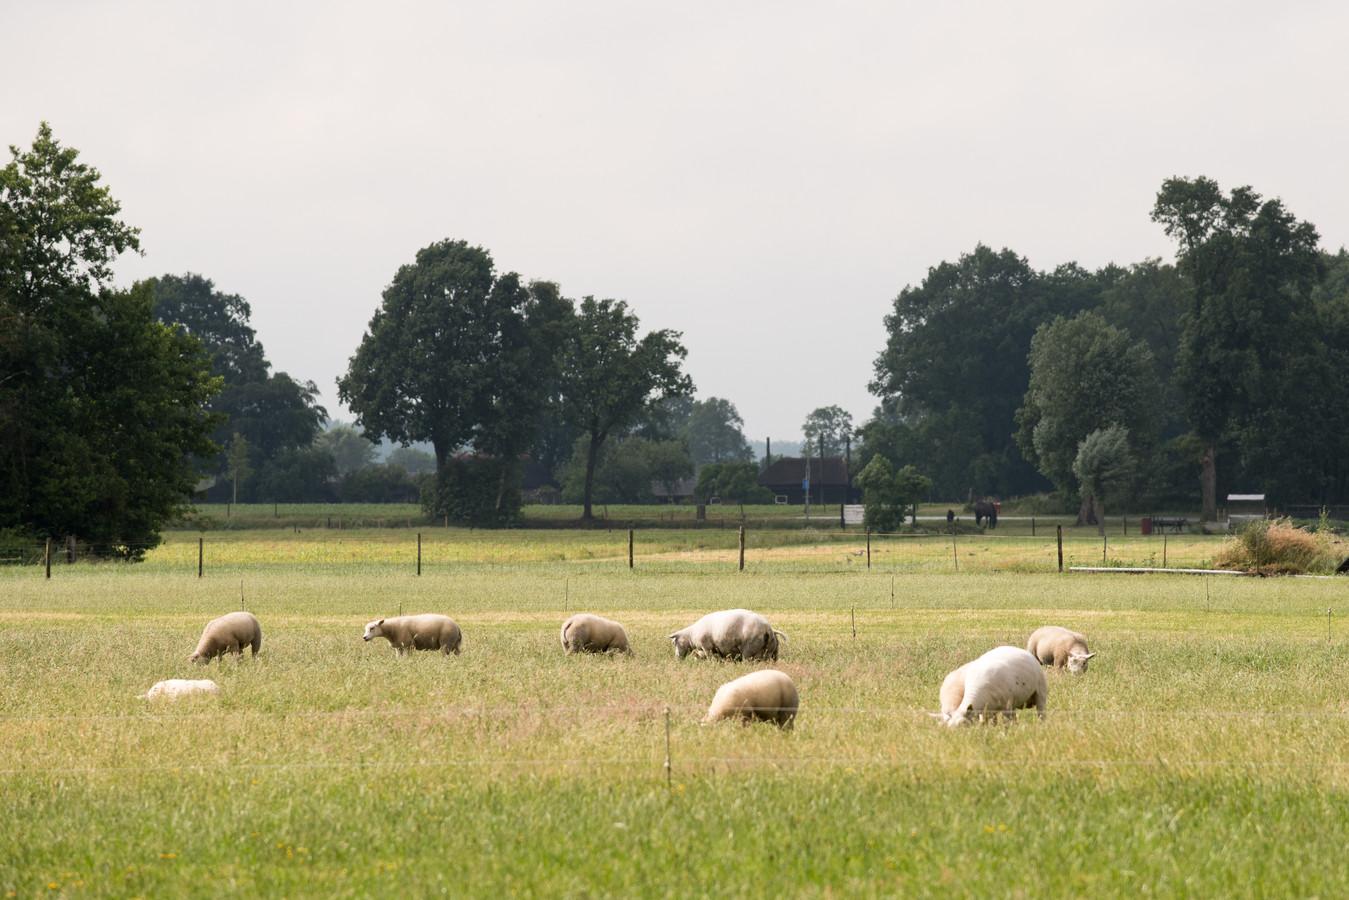 't Hul Noord in Nunspeet. In deze weilanden verrijst in de toekomst mogelijk een nieuwe woonwijk.